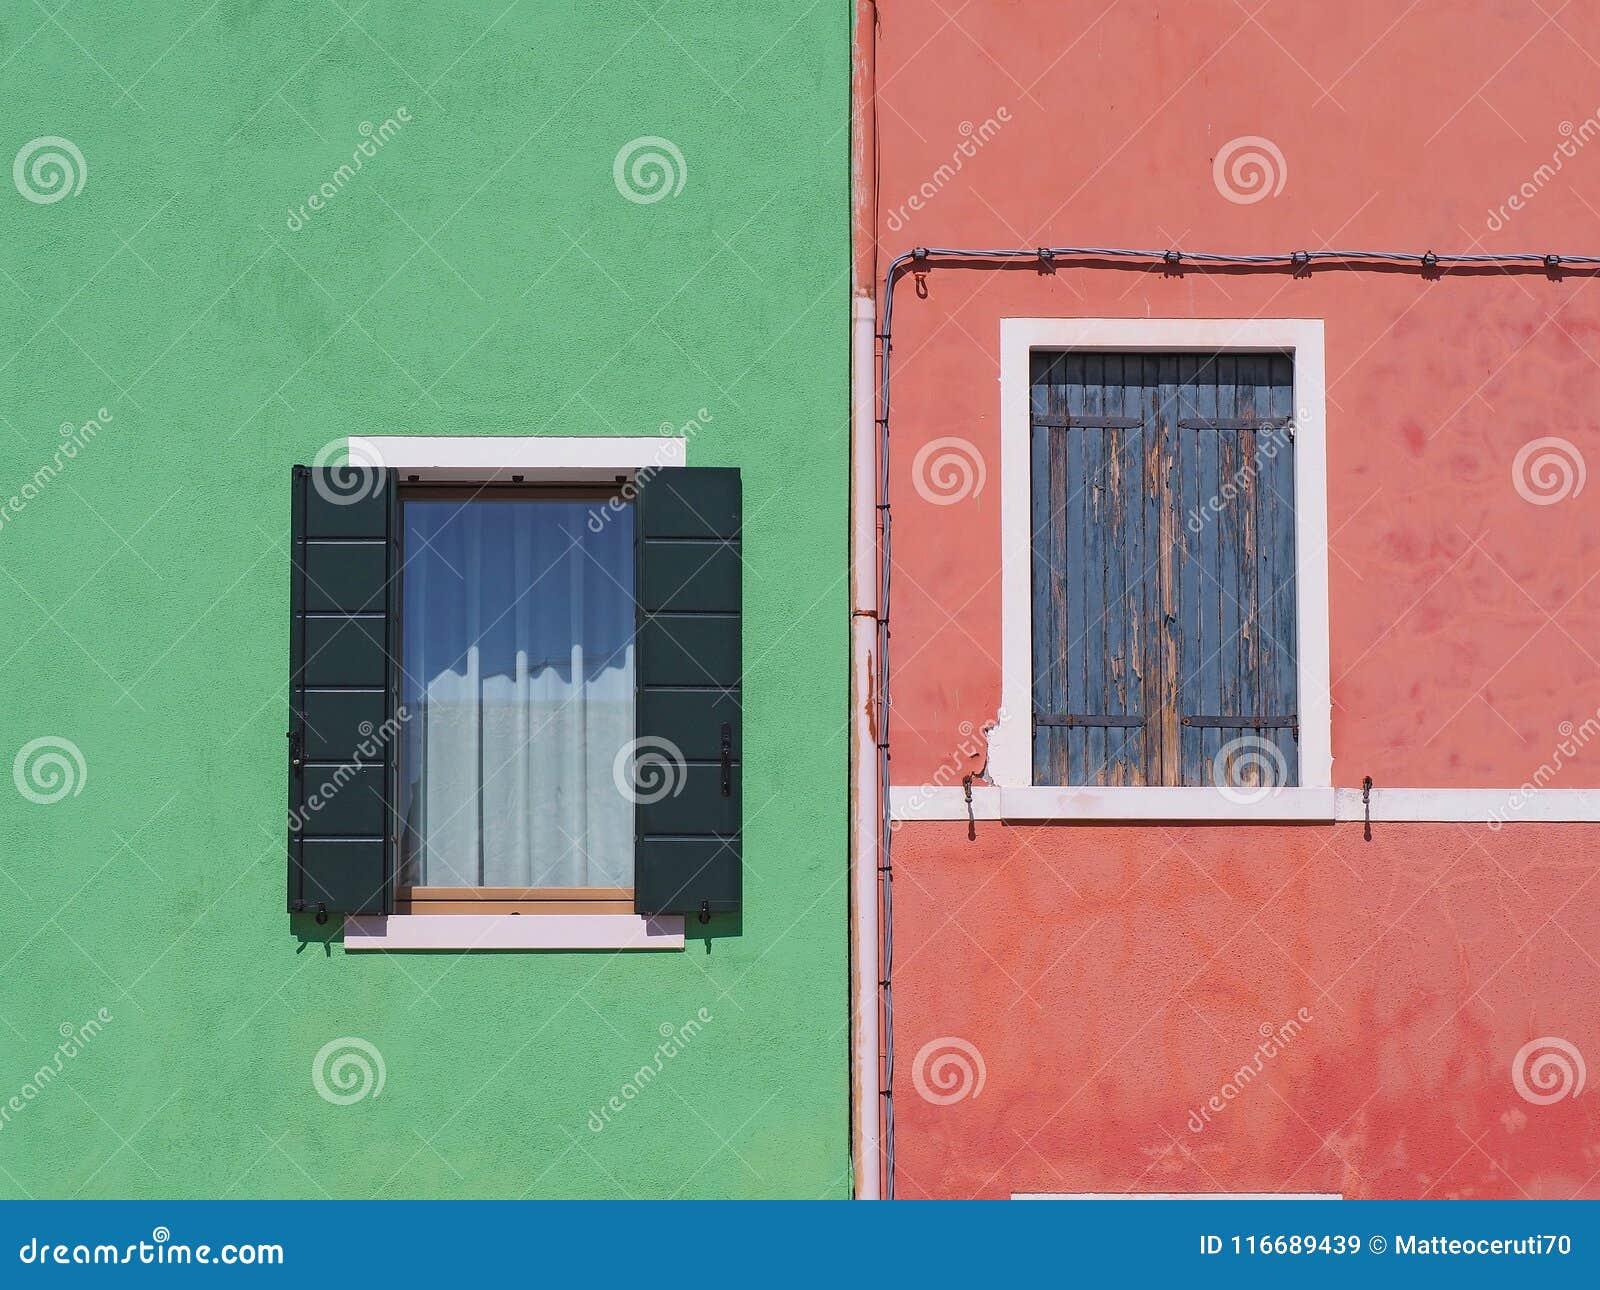 Burano, Venezia, Italie Détails des fenêtres des maisons colorées en île de Burano